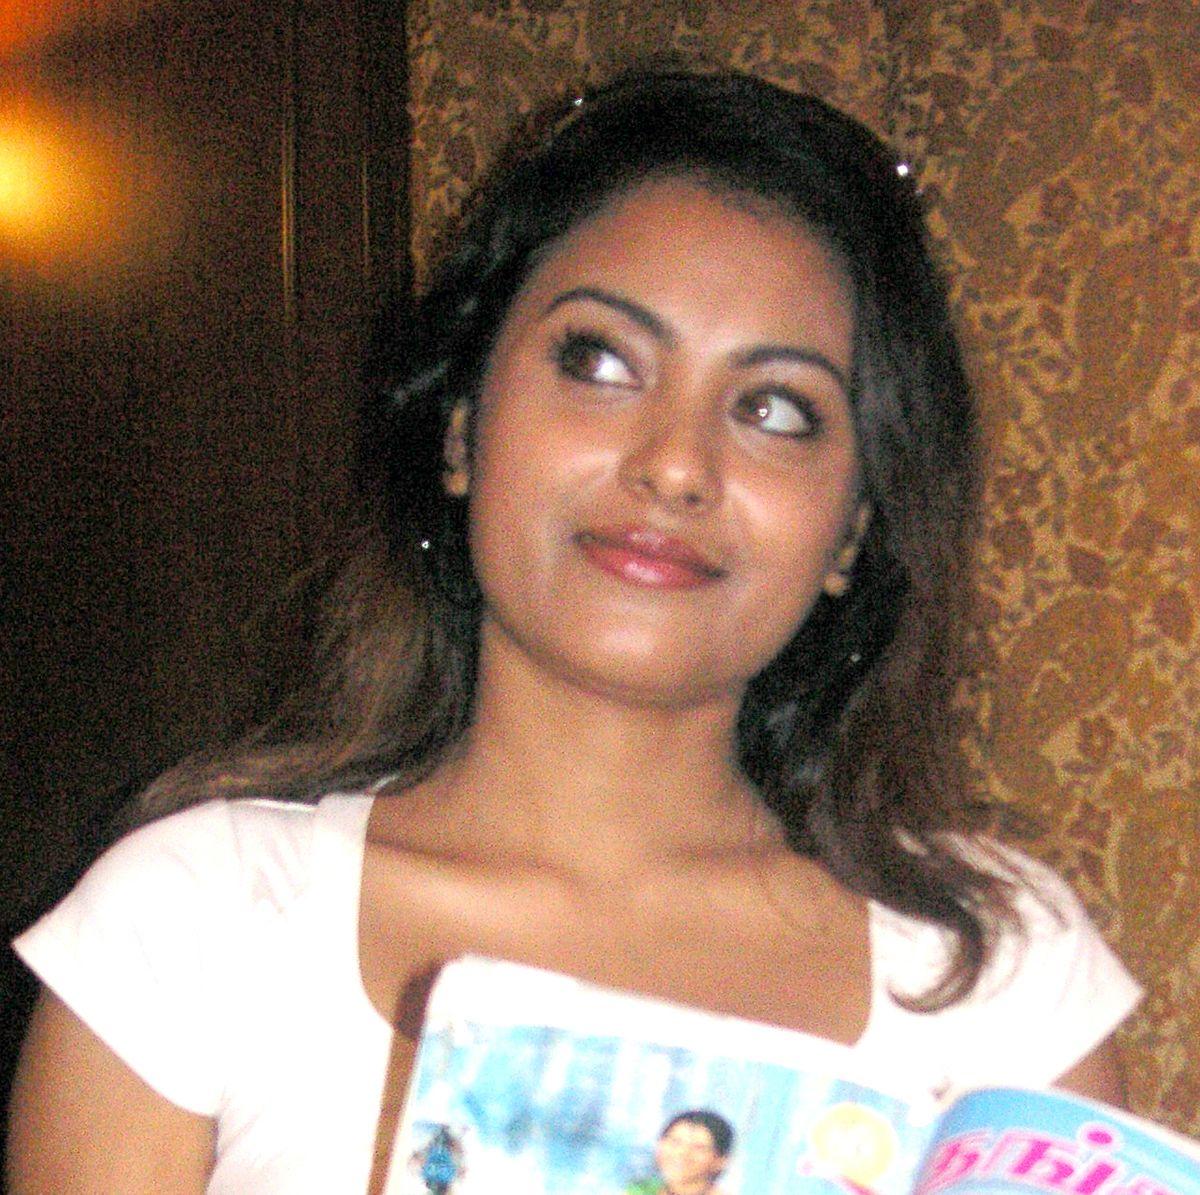 Meenakshi wallpapers Women HQ Meenakshi pictures 4K Wallpapers 1200x1195